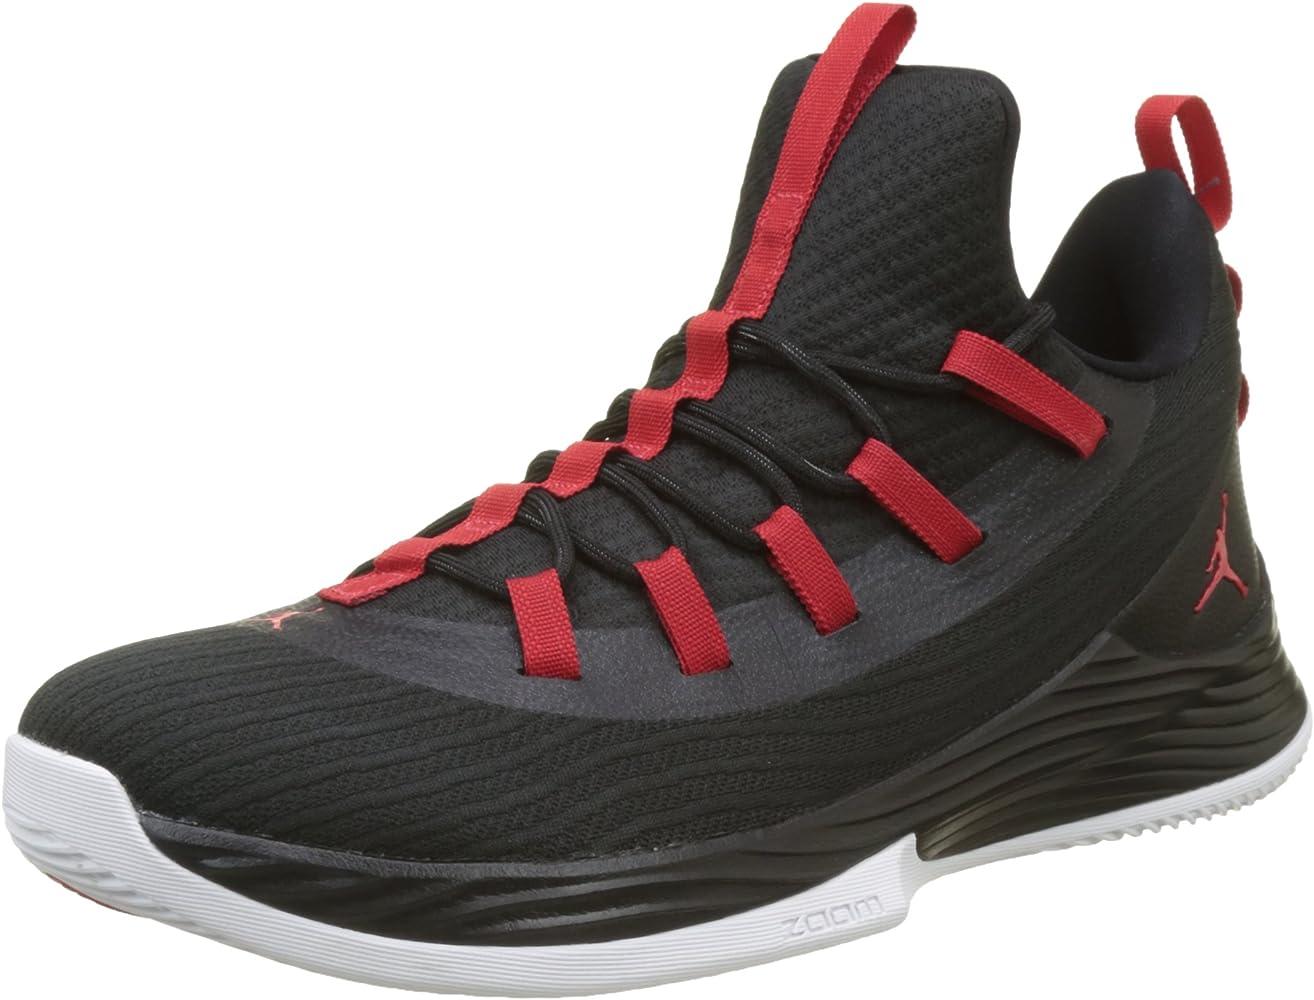 Nike Jordan Ultra Fly 2 Low Zapatos de Baloncesto Hombre, Negro ...